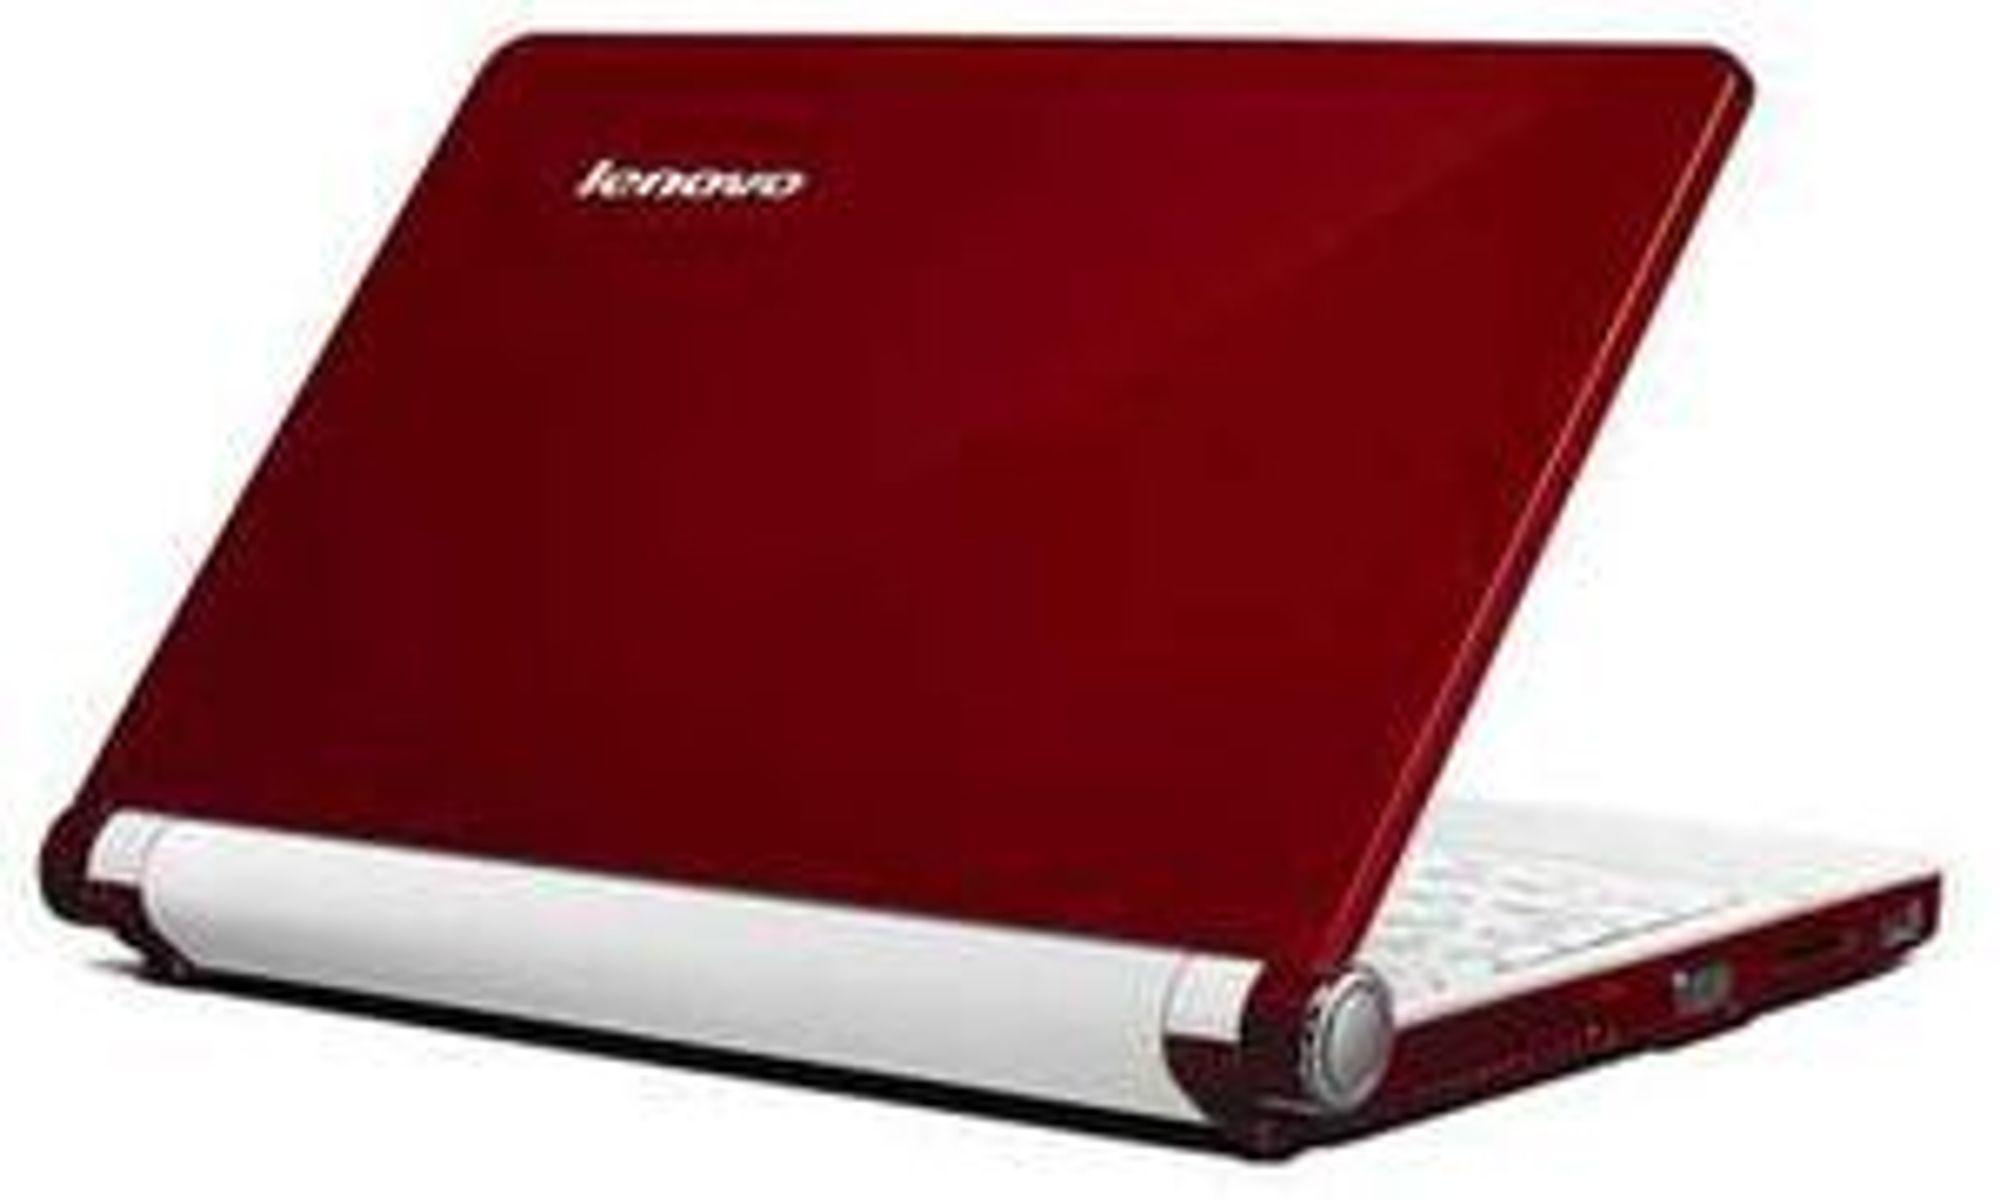 Lenovos ultraportable maskiner leveres i rød, sort eller hvit finish.